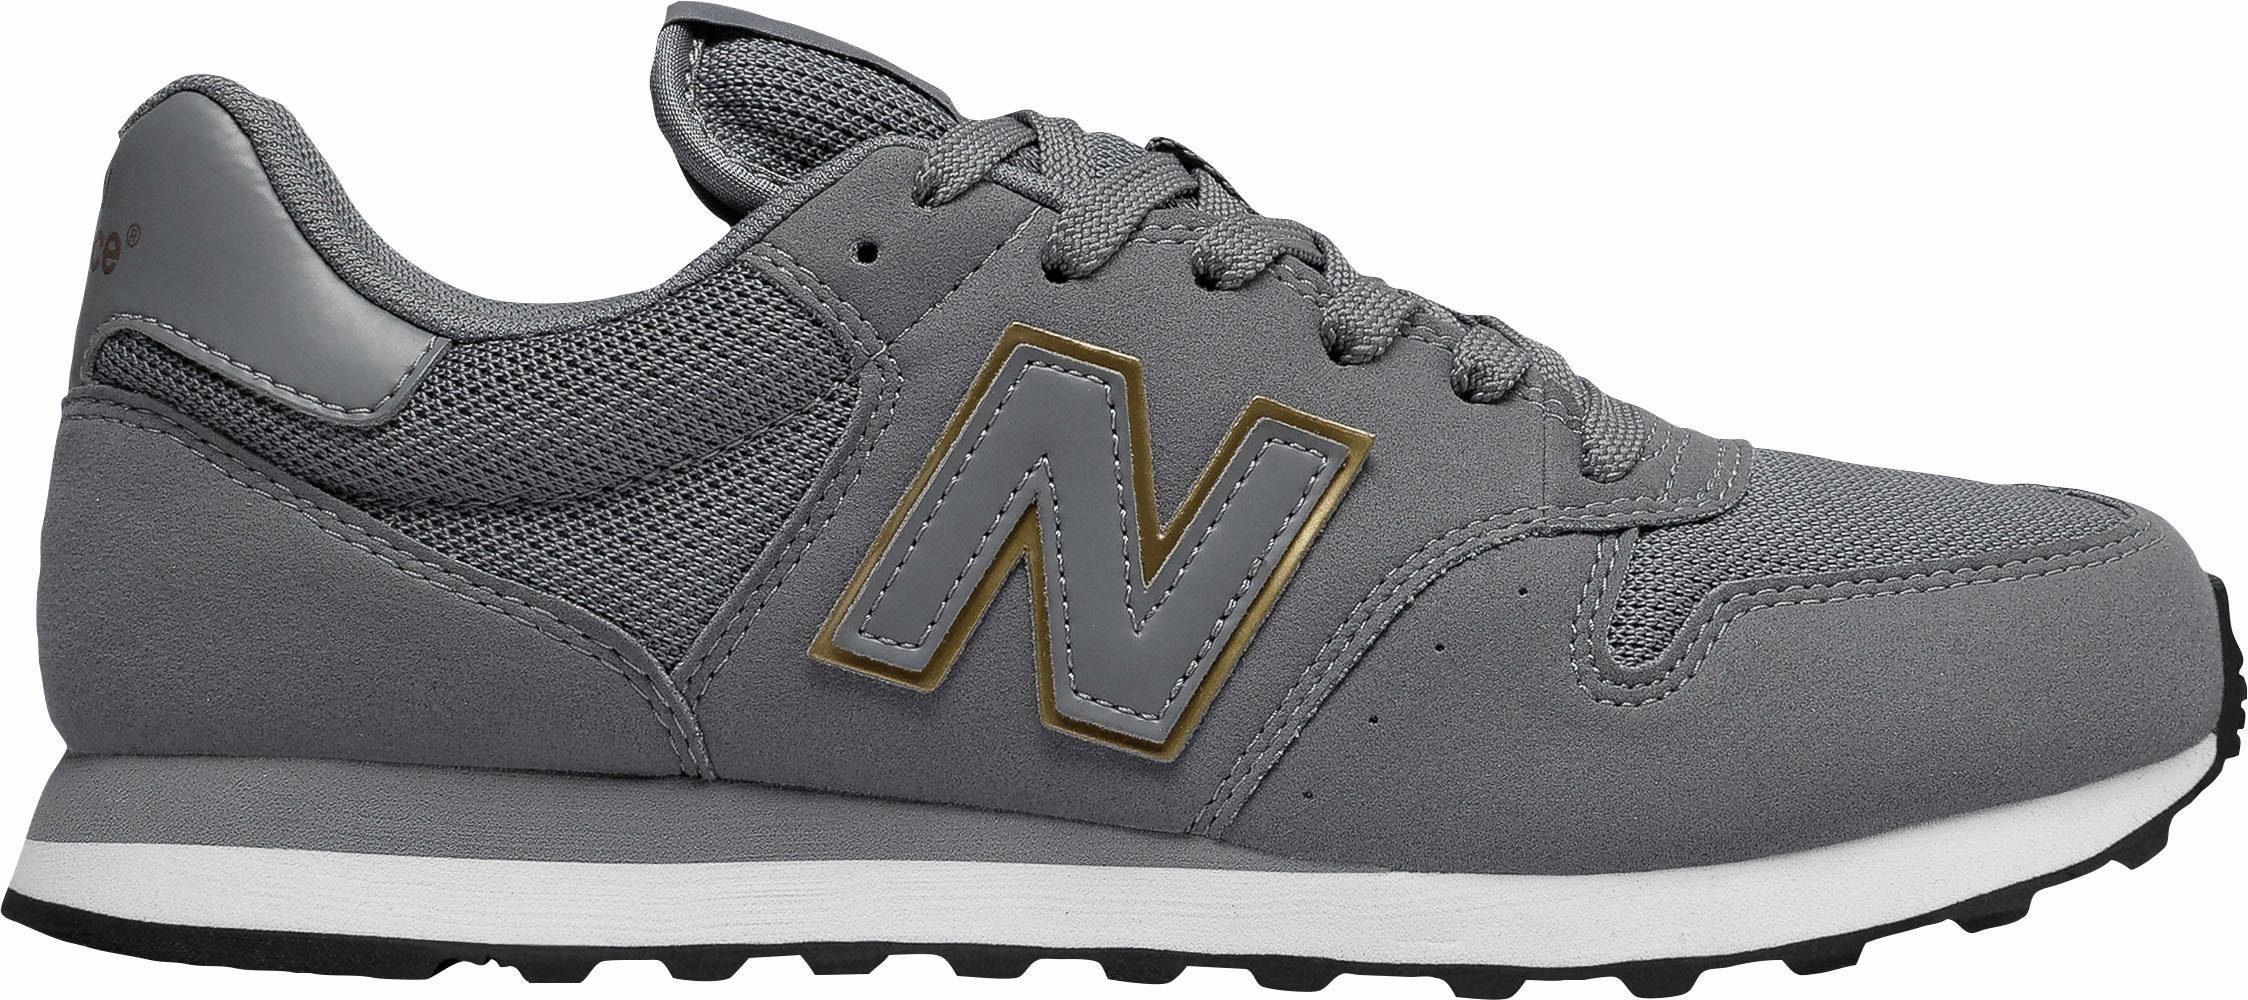 New Balance »GW 500« Sneaker, Materialmix aus Leder und Textil online kaufen | OTTO